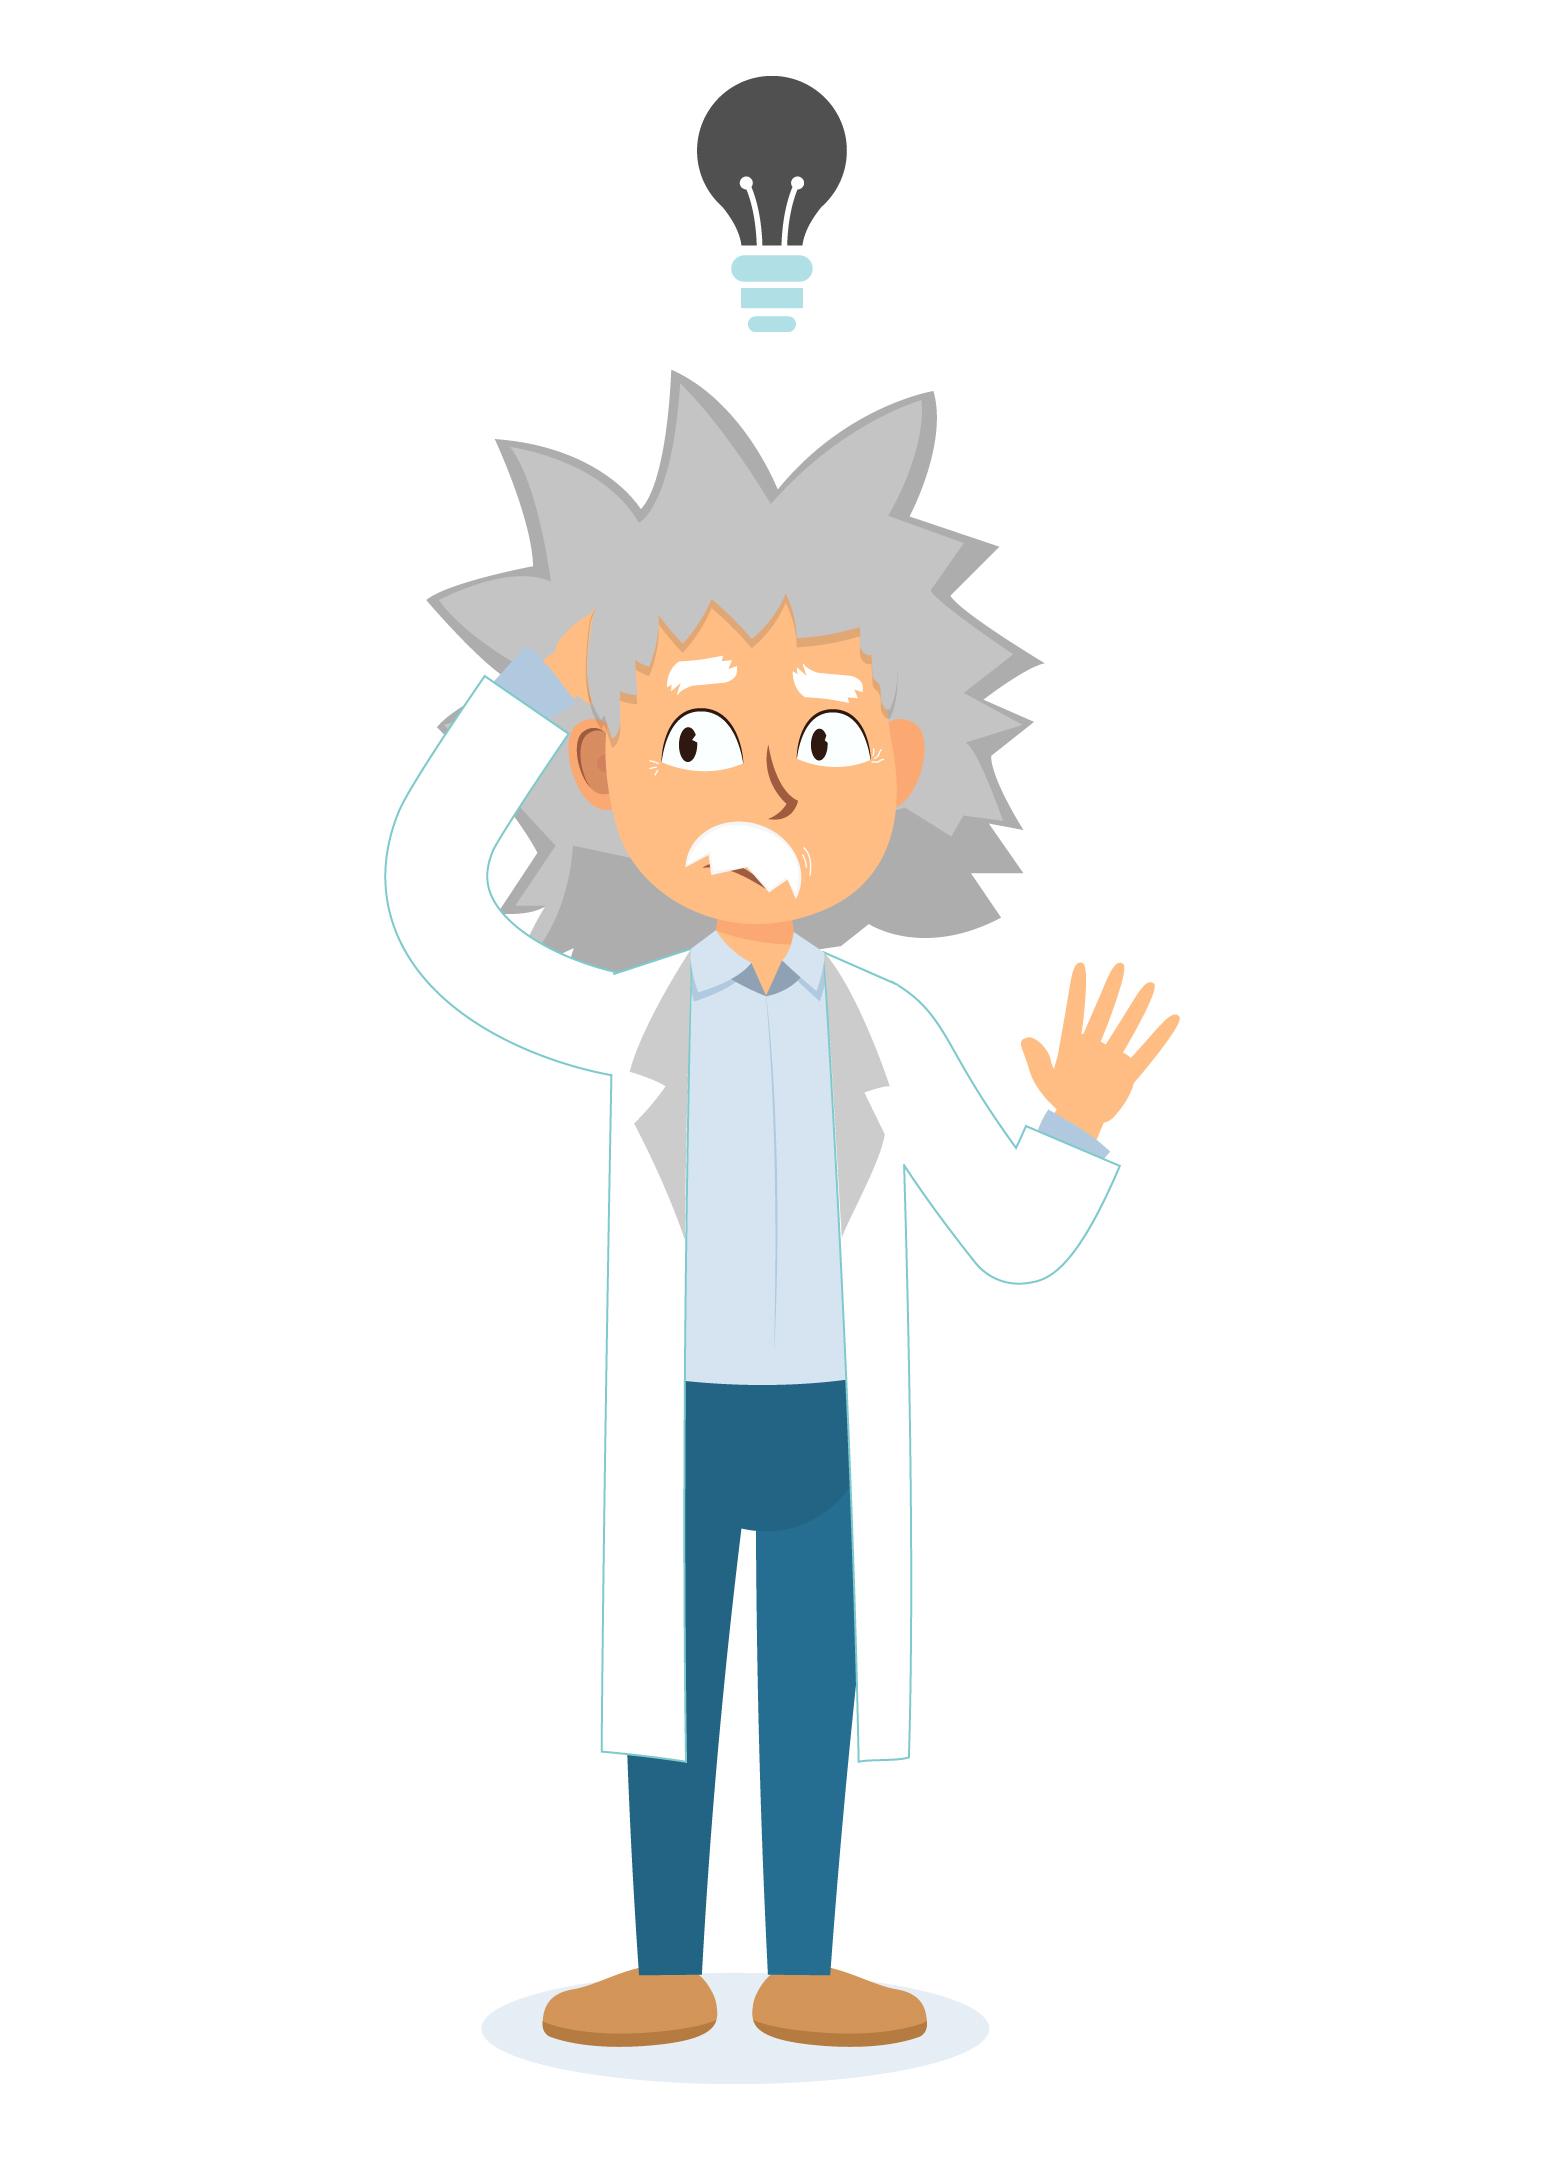 cientista com dúvidas pensando com lâmpada das ideias desligada